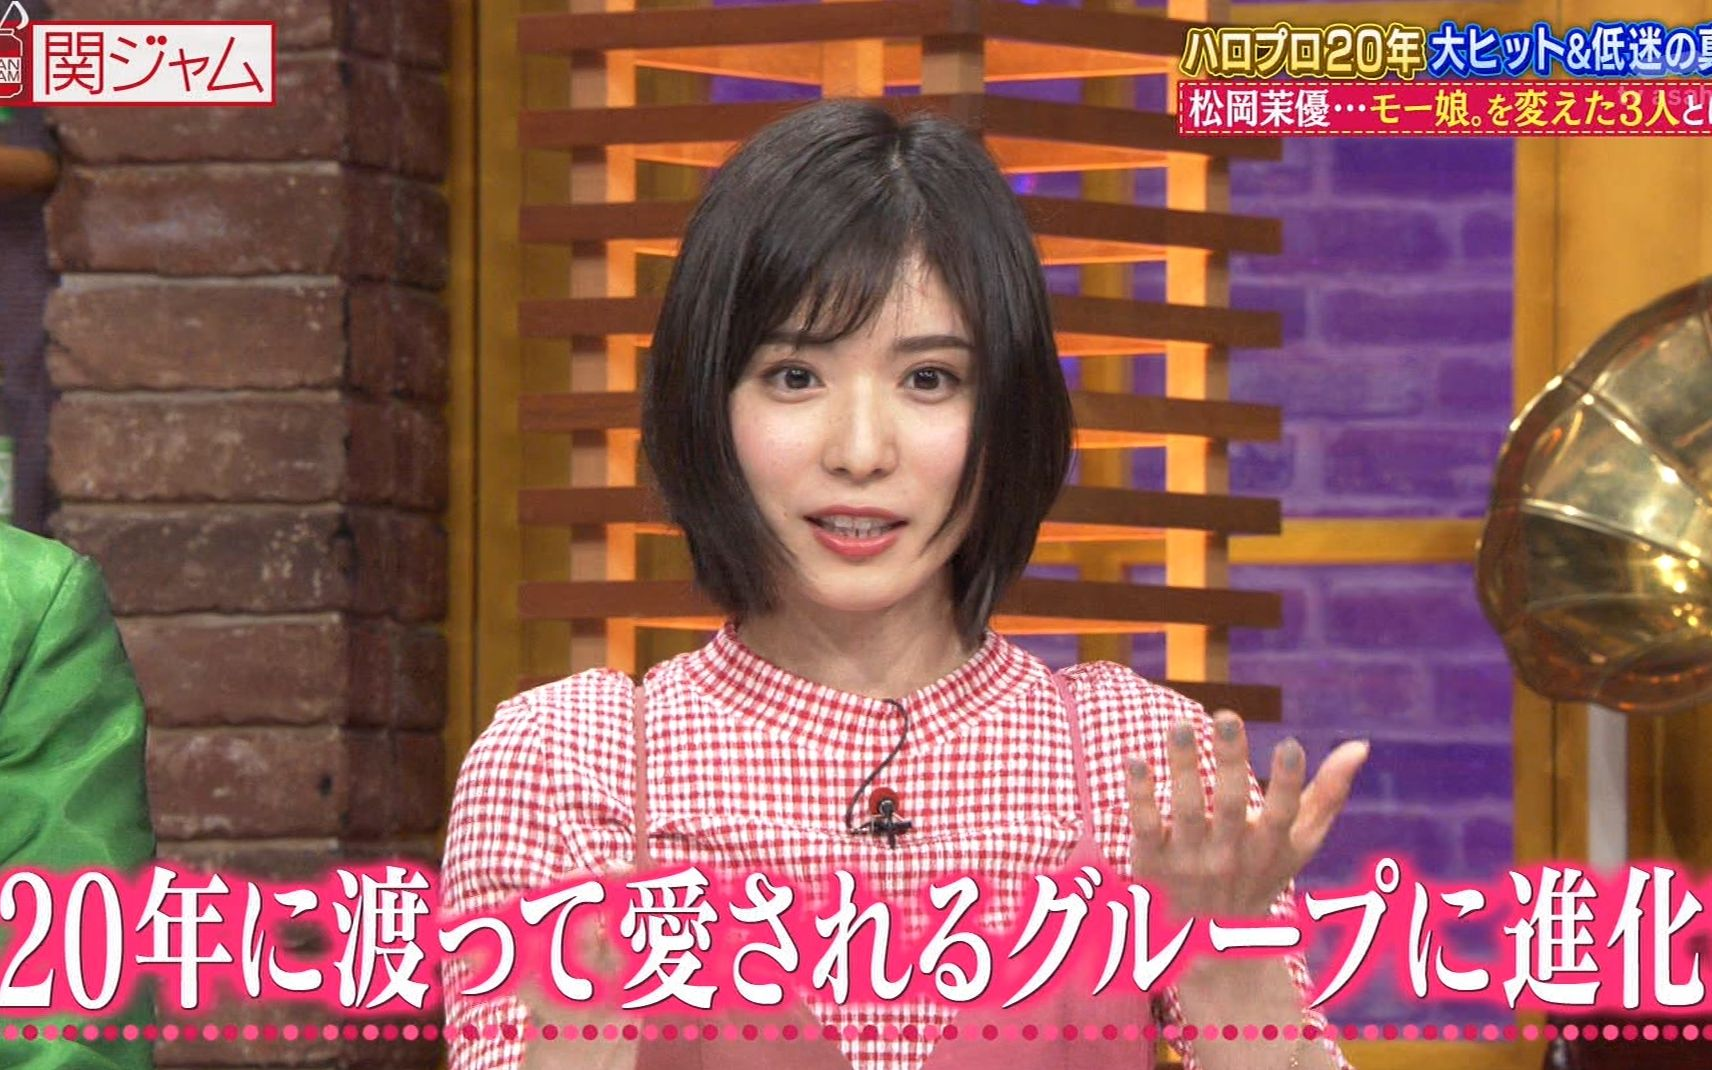 180617 関ジャム 完全燃SHOW - ハロプロ20周年特集!_哔哩哔哩 (゜ ...